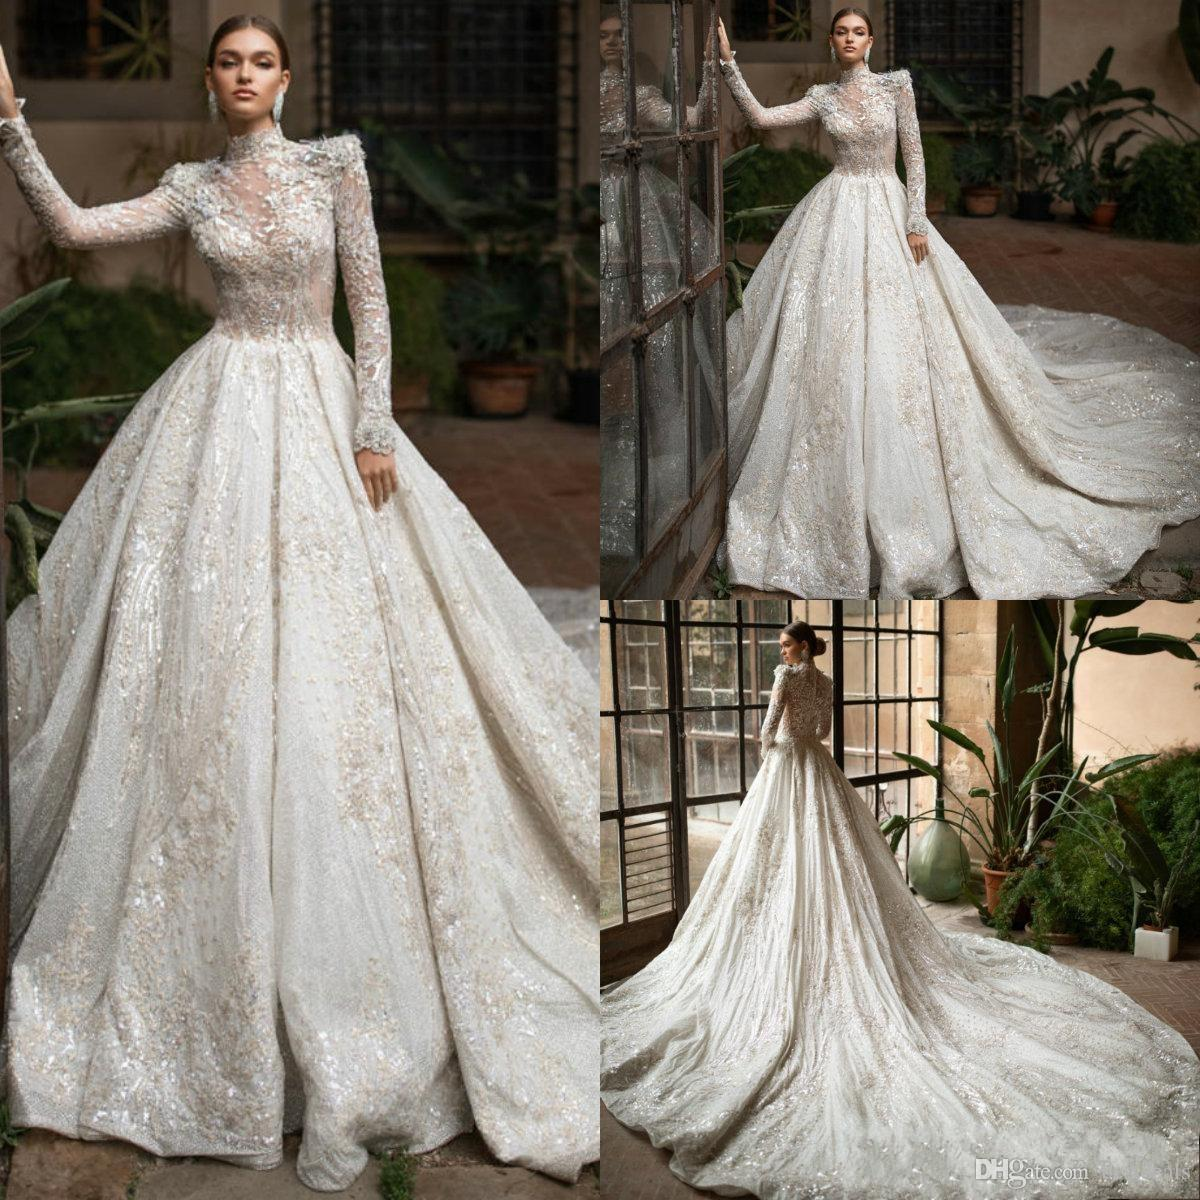 2020 Nouveau luxe Robes de mariée col montant manches longues Fulle Bretelle Tulle Robes de mariée robe de mariée Robe de Noiva